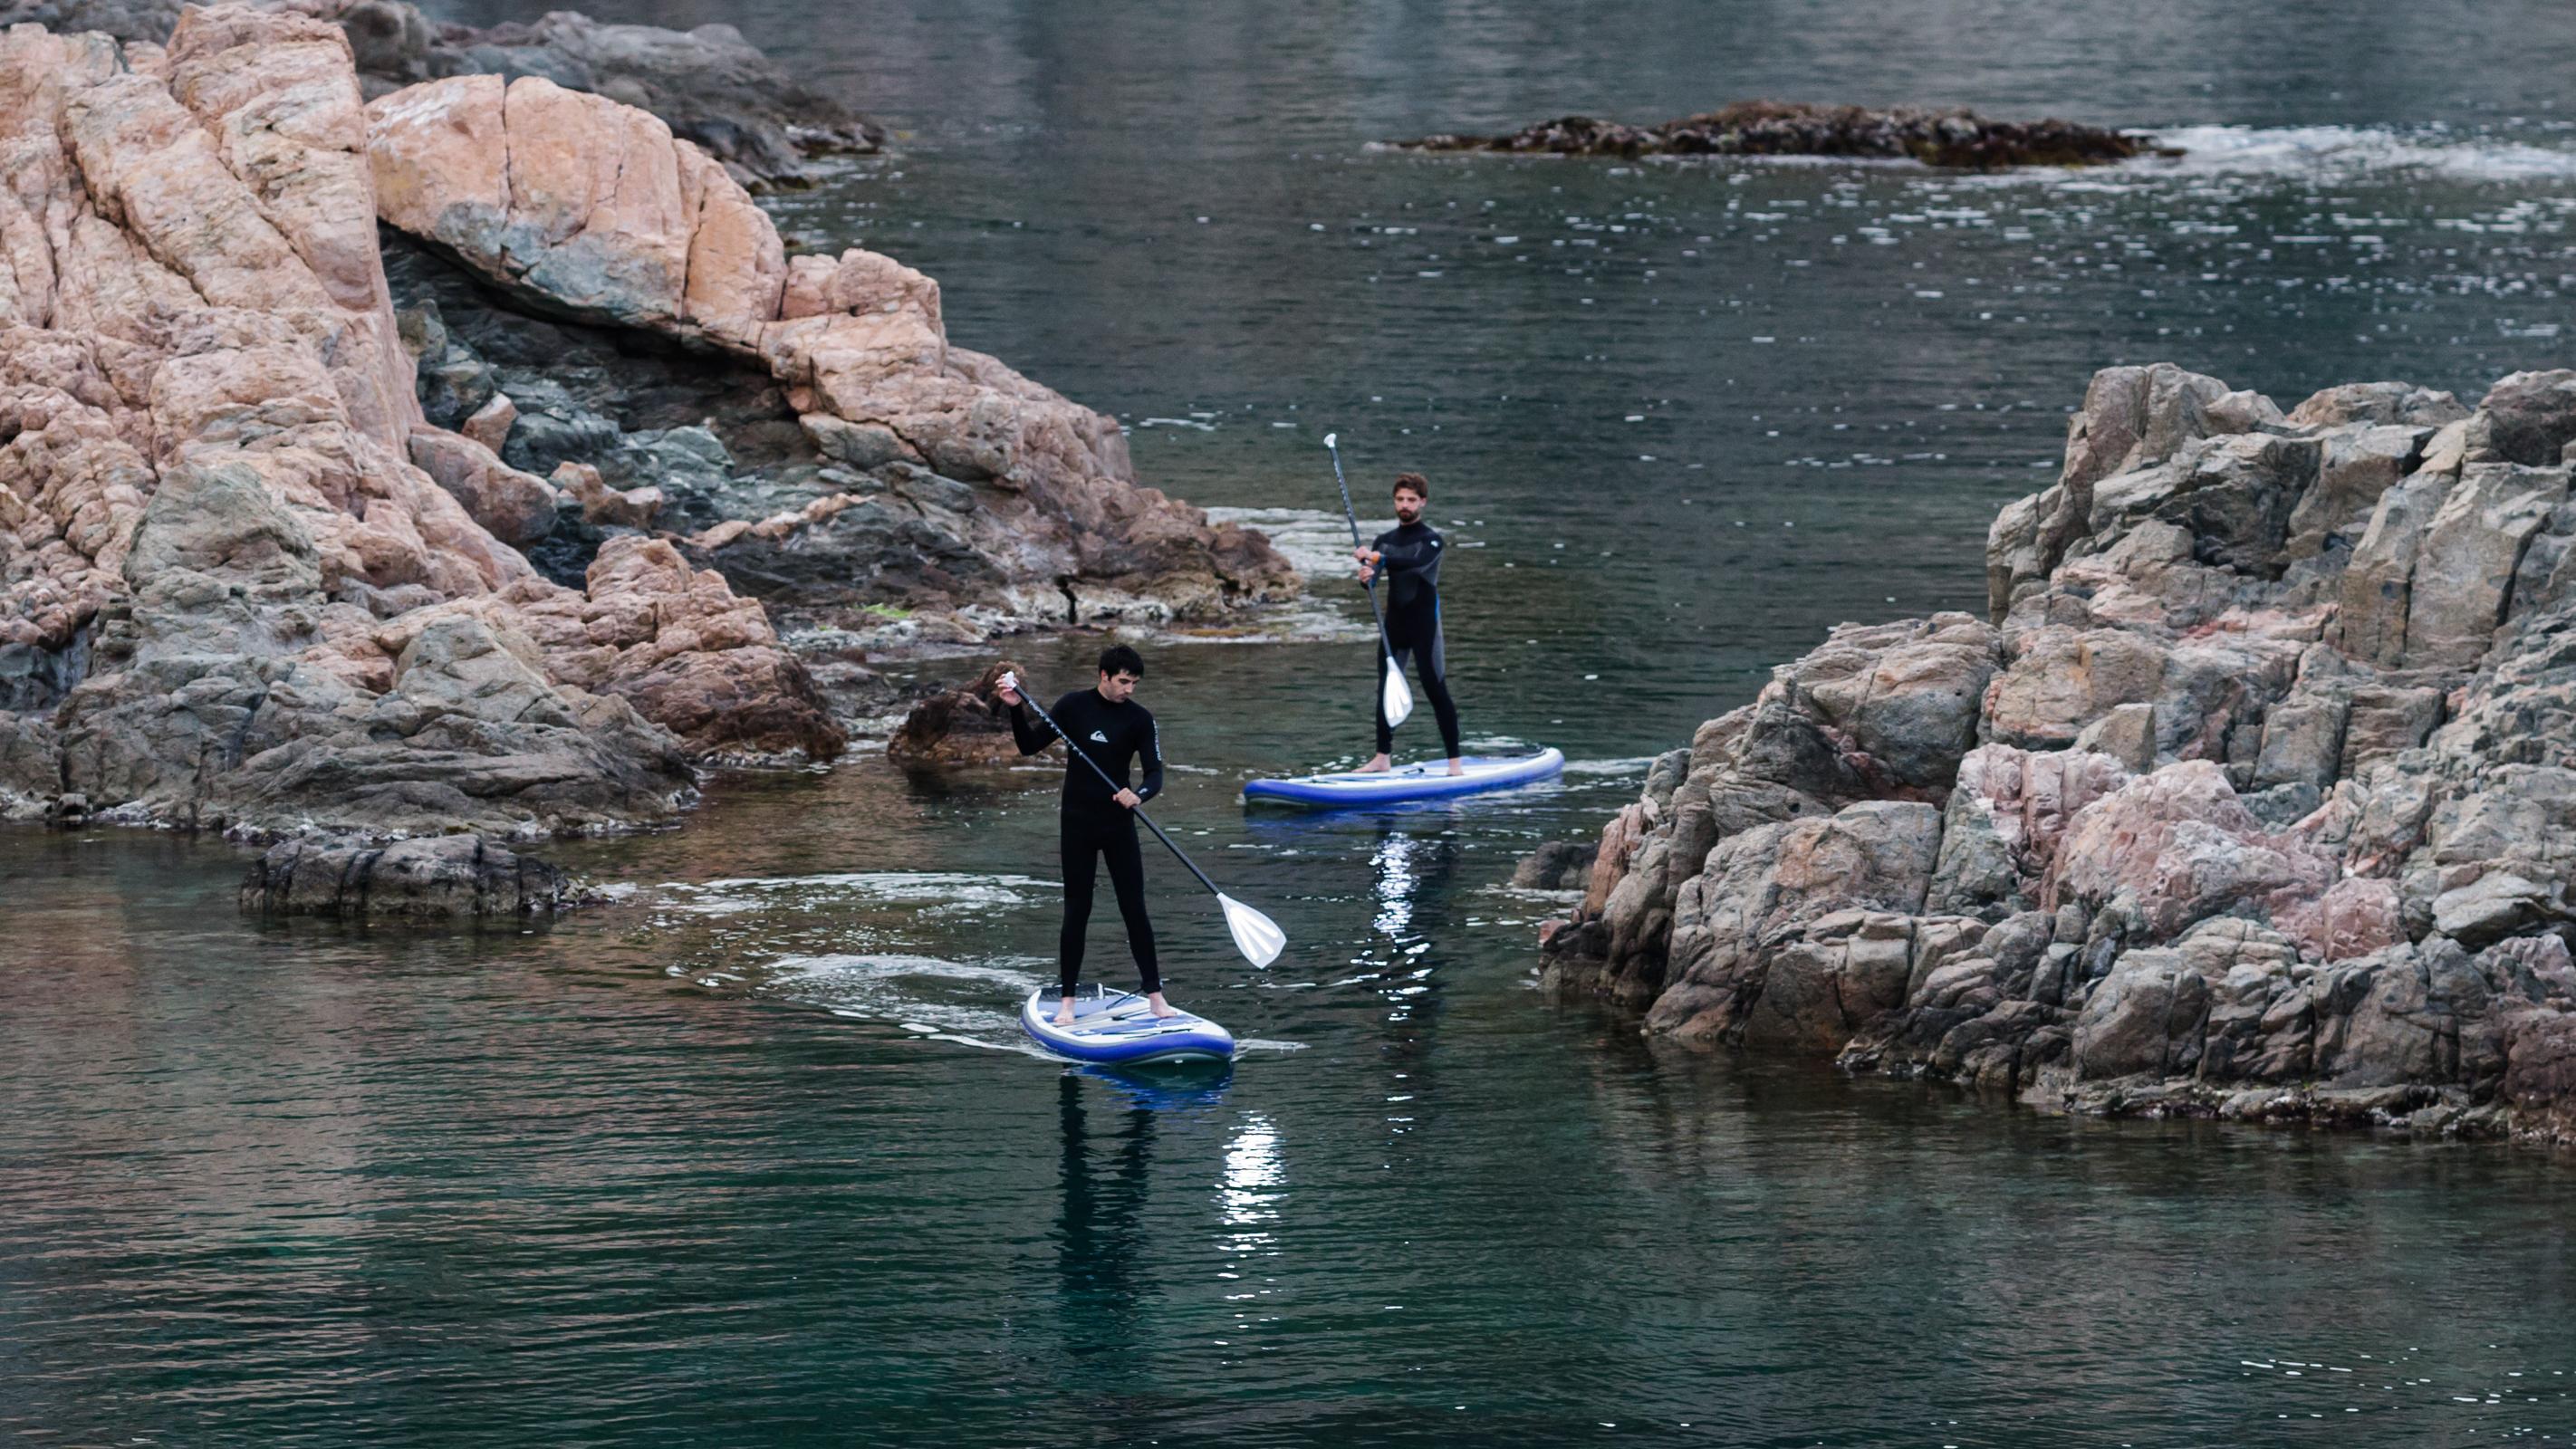 Bautizo de Paddle surf - Tossa de Mar - paddle-5.jpg